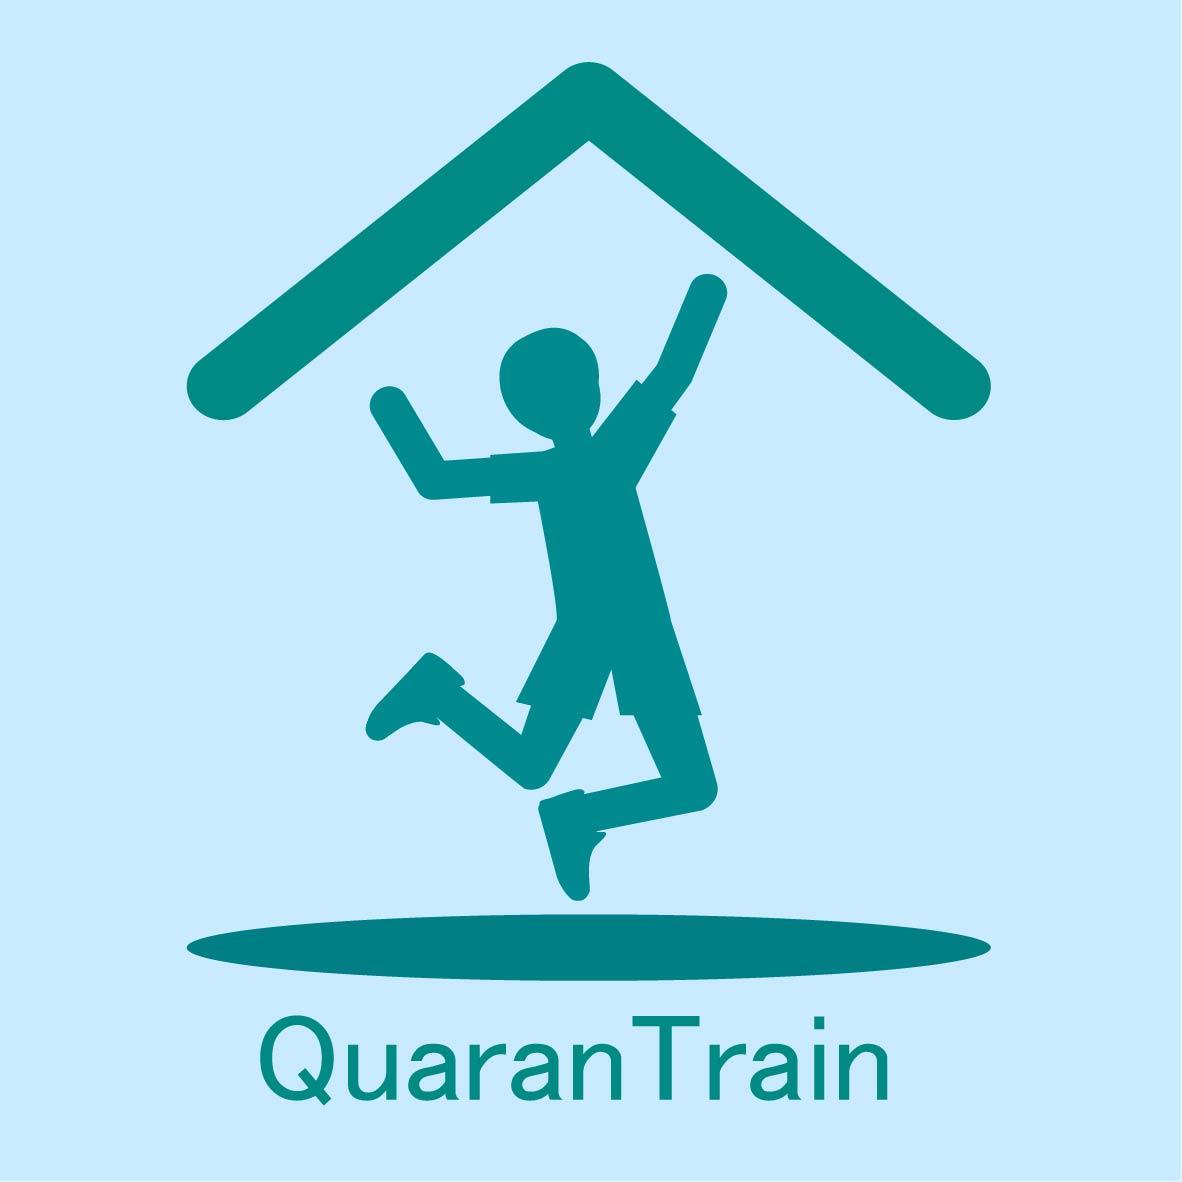 QuaranTrain